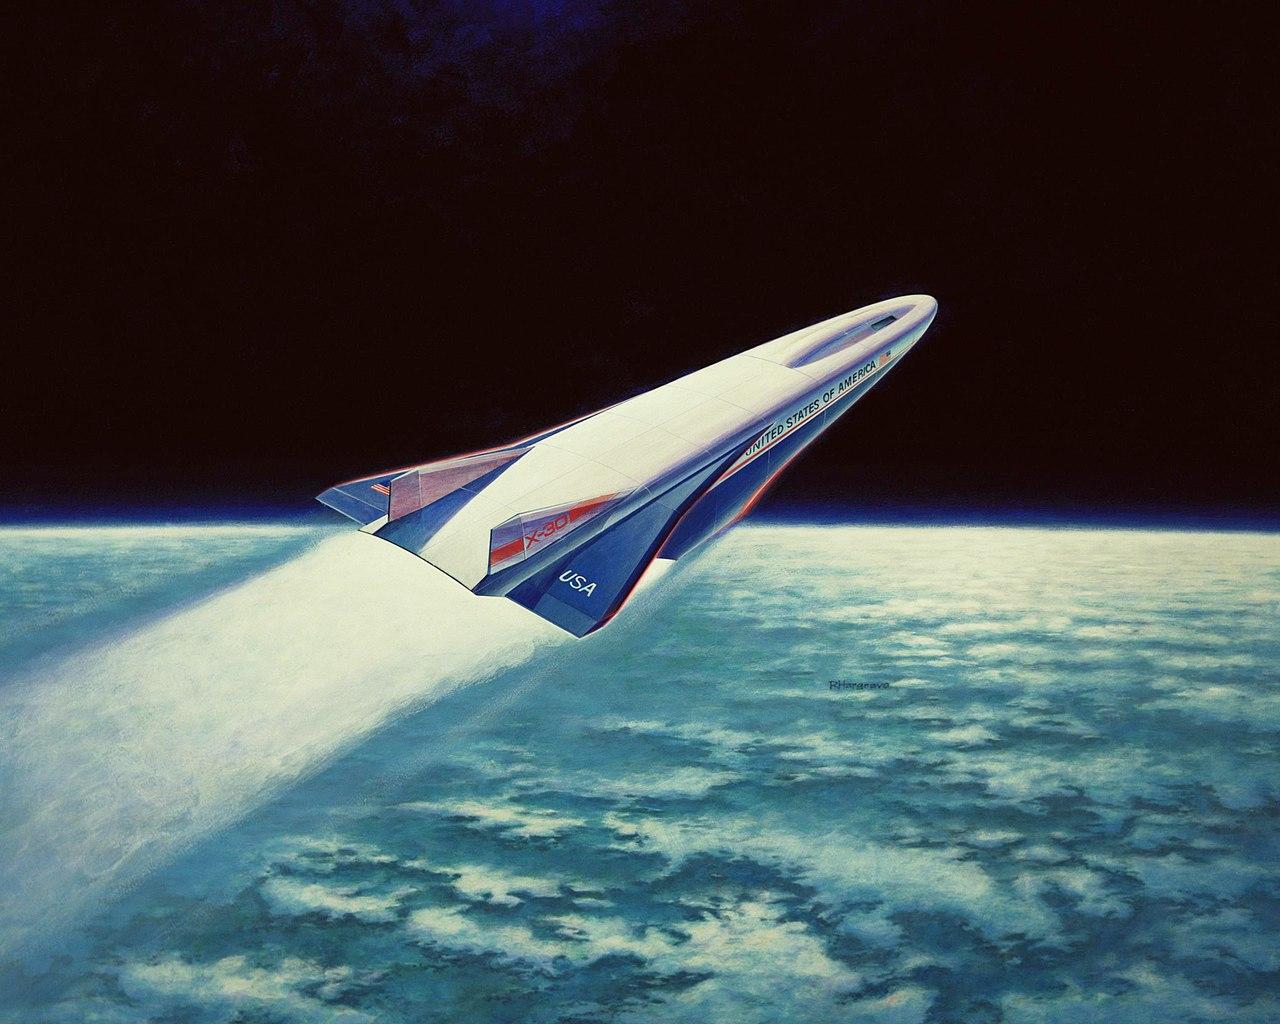 Советская доминанта: орбибомбардировщик Ту-2000Б мог бы уничтожить США